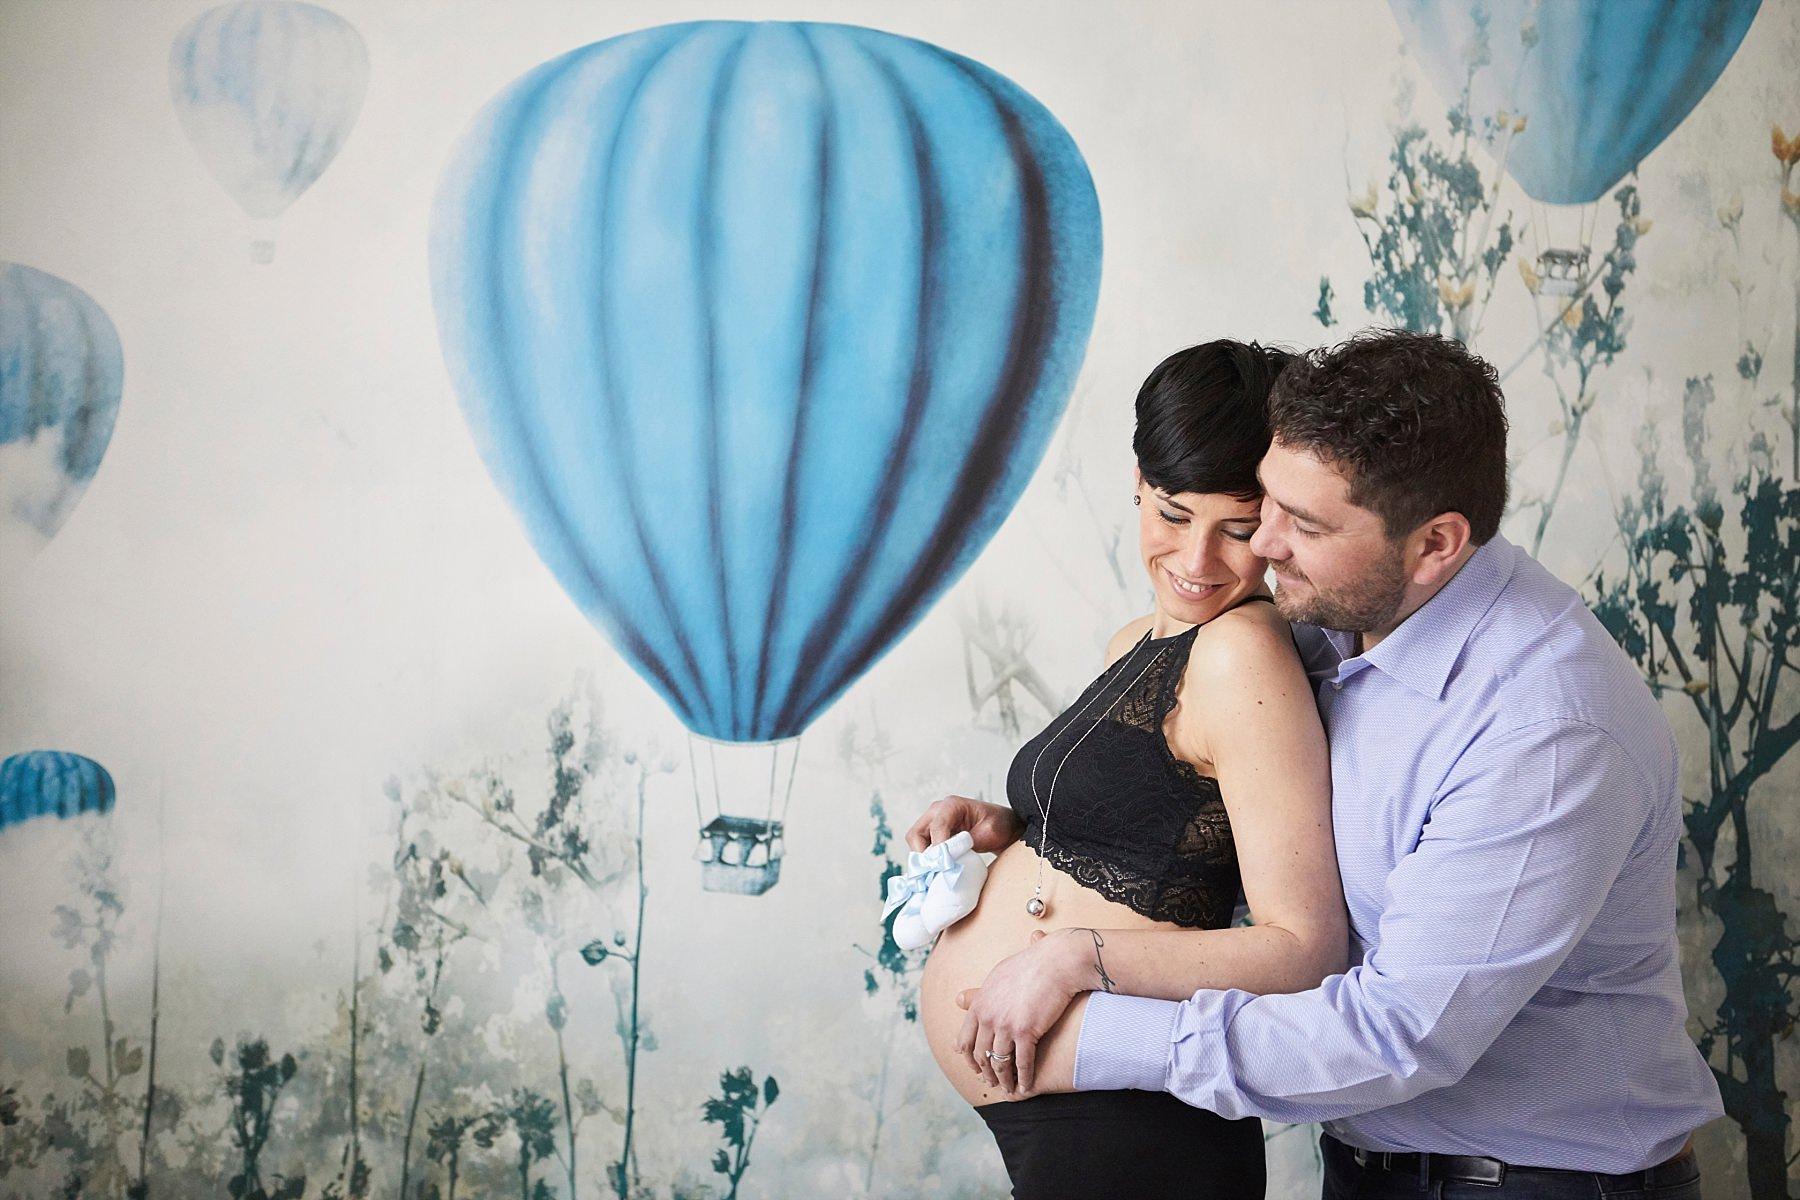 fotografia maternity di una mamma in gravidanza fotografo maternity